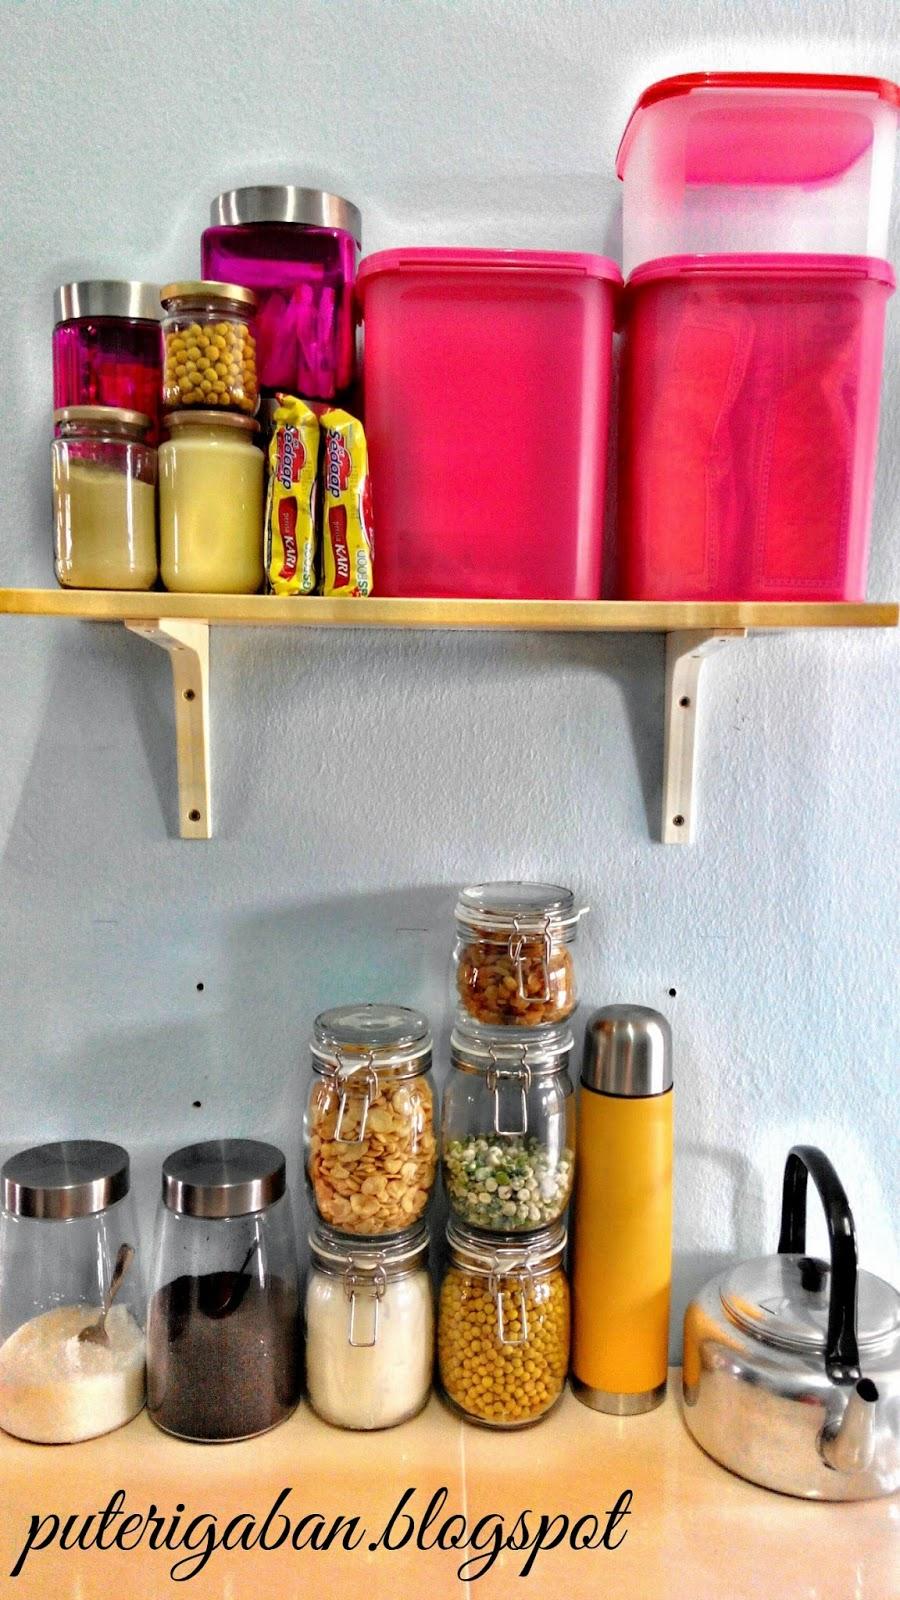 Kabinet Ni Kecik Je Supaya Muat Dengan Saiz Dinding Aku Cuba Guna Sebaik Mungkin Ruang Dapur Yang Ada Sebab Pun Tak Boleh Salah Letak